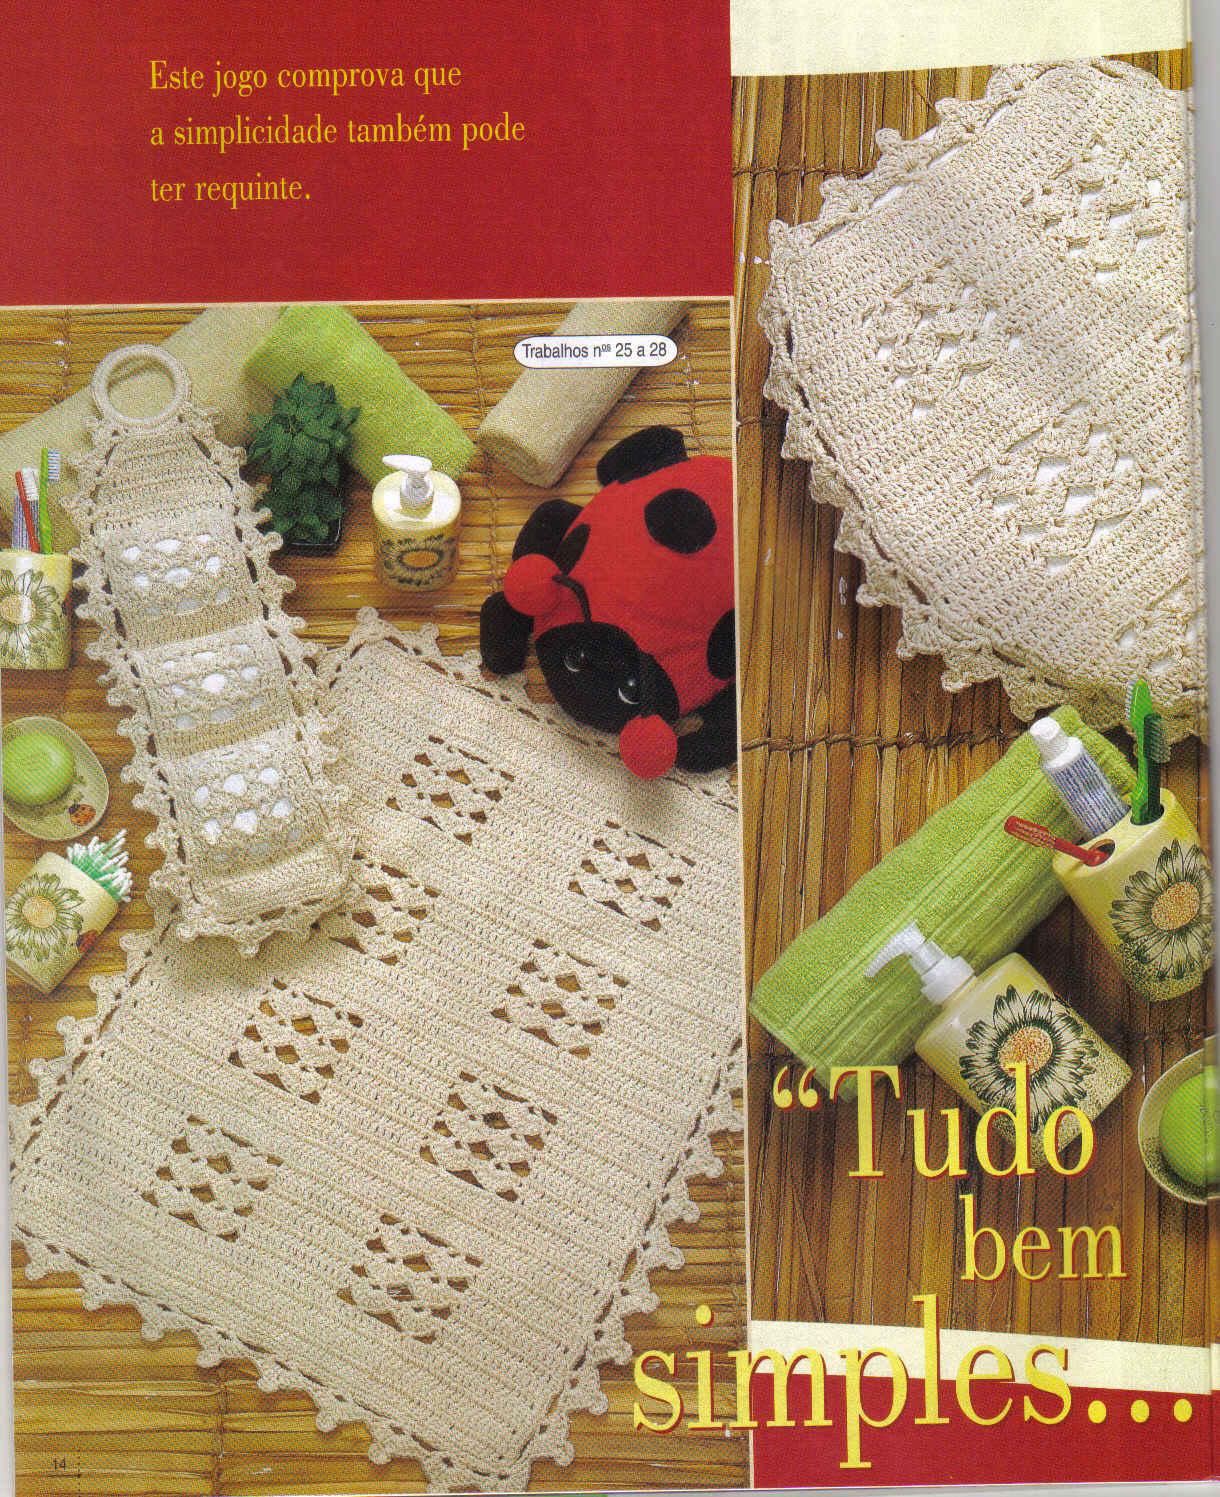 : Conjunto Banheiro em Crochê Modelo Simples e Bonito Gráficos #A23029 1220x1497 Banheiro Bonito